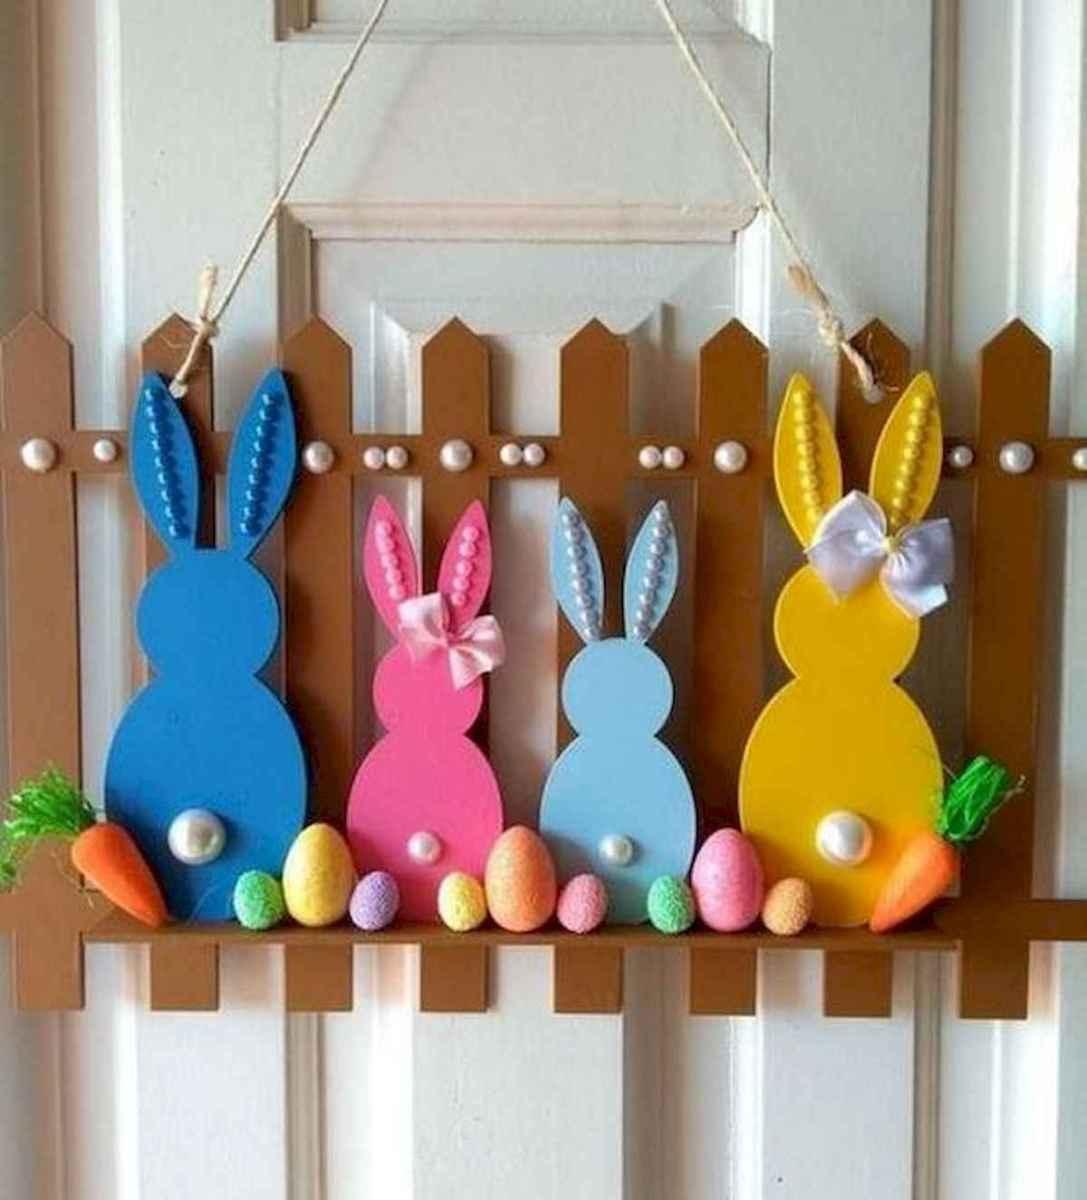 40 Easy Diy Spring Crafts Ideas For Kids 41 Coachdecor Com